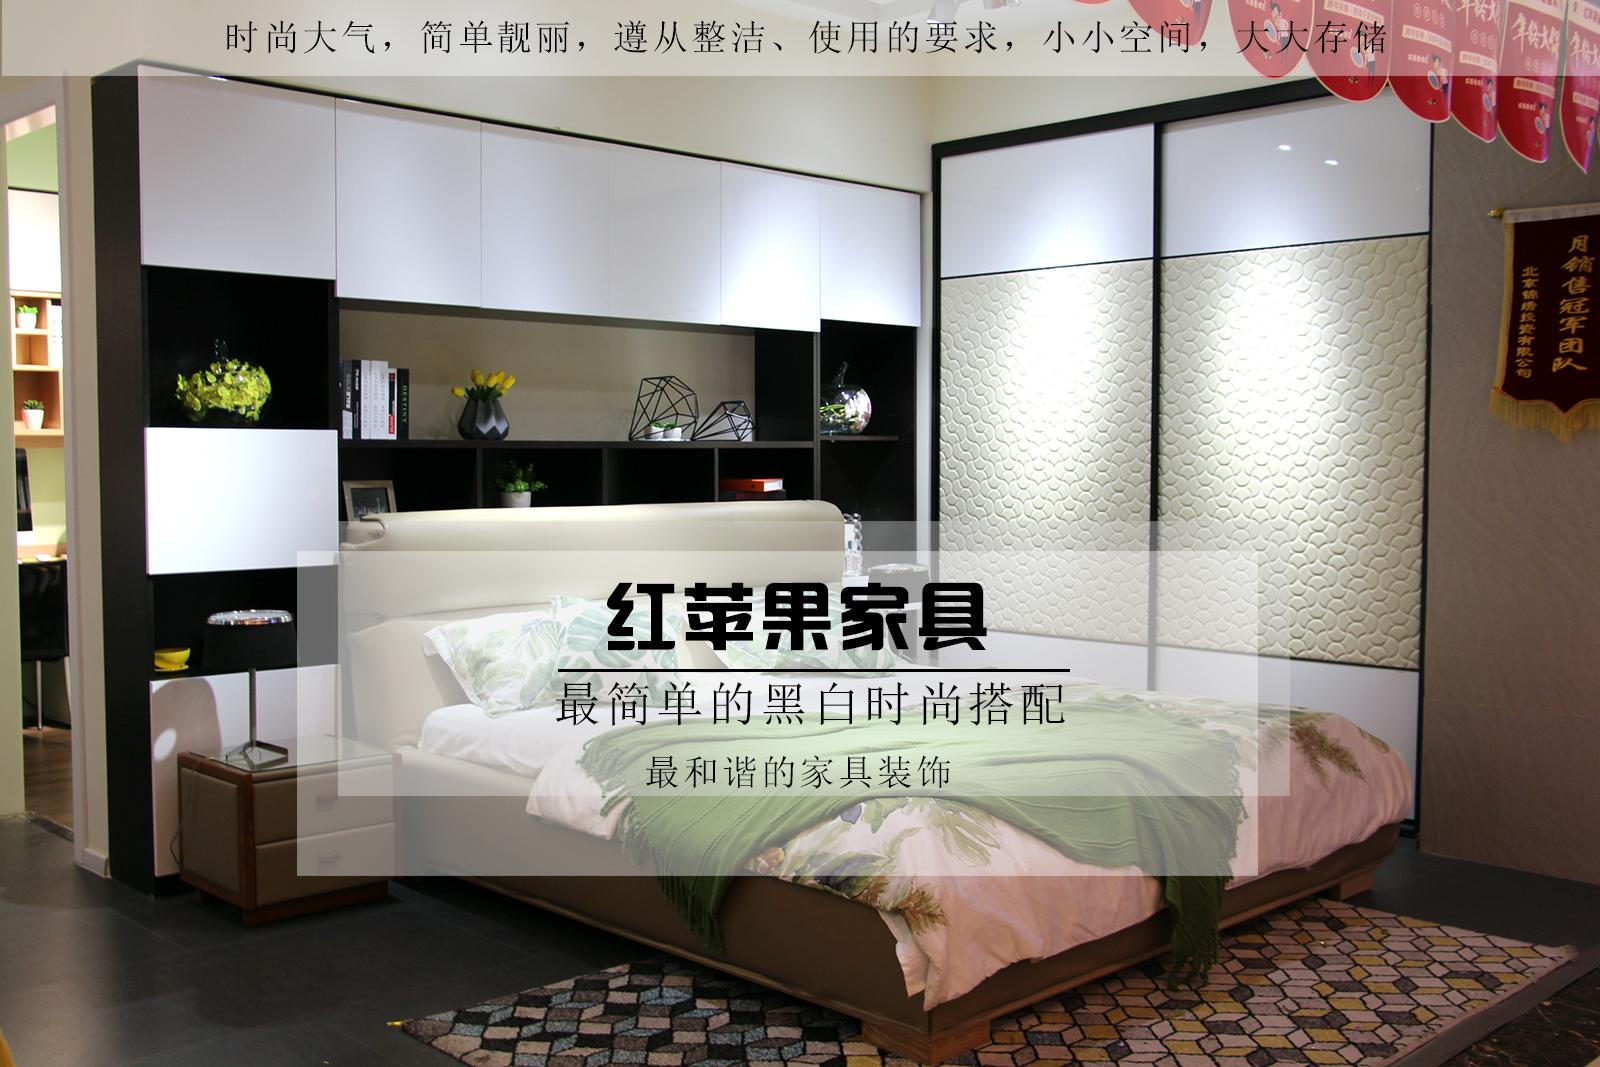 红苹果卧室家具三件套,缔造幸福新生活